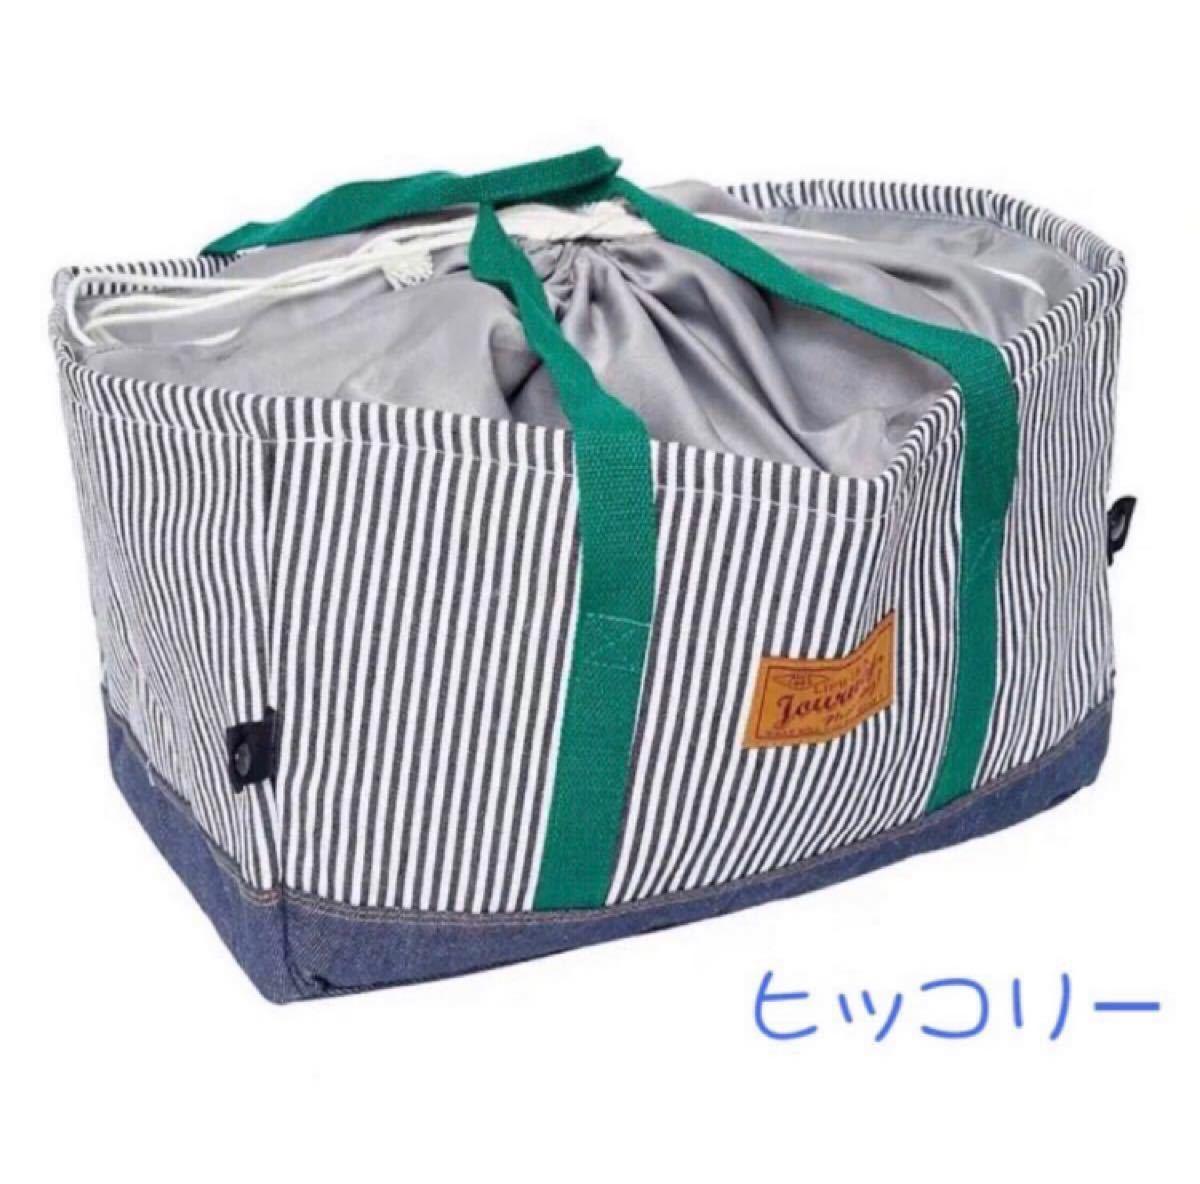 レジカゴバッグ エコバッグ 大容量 保冷温 BIGバッグ  保冷バッグ ショッピングバッグ